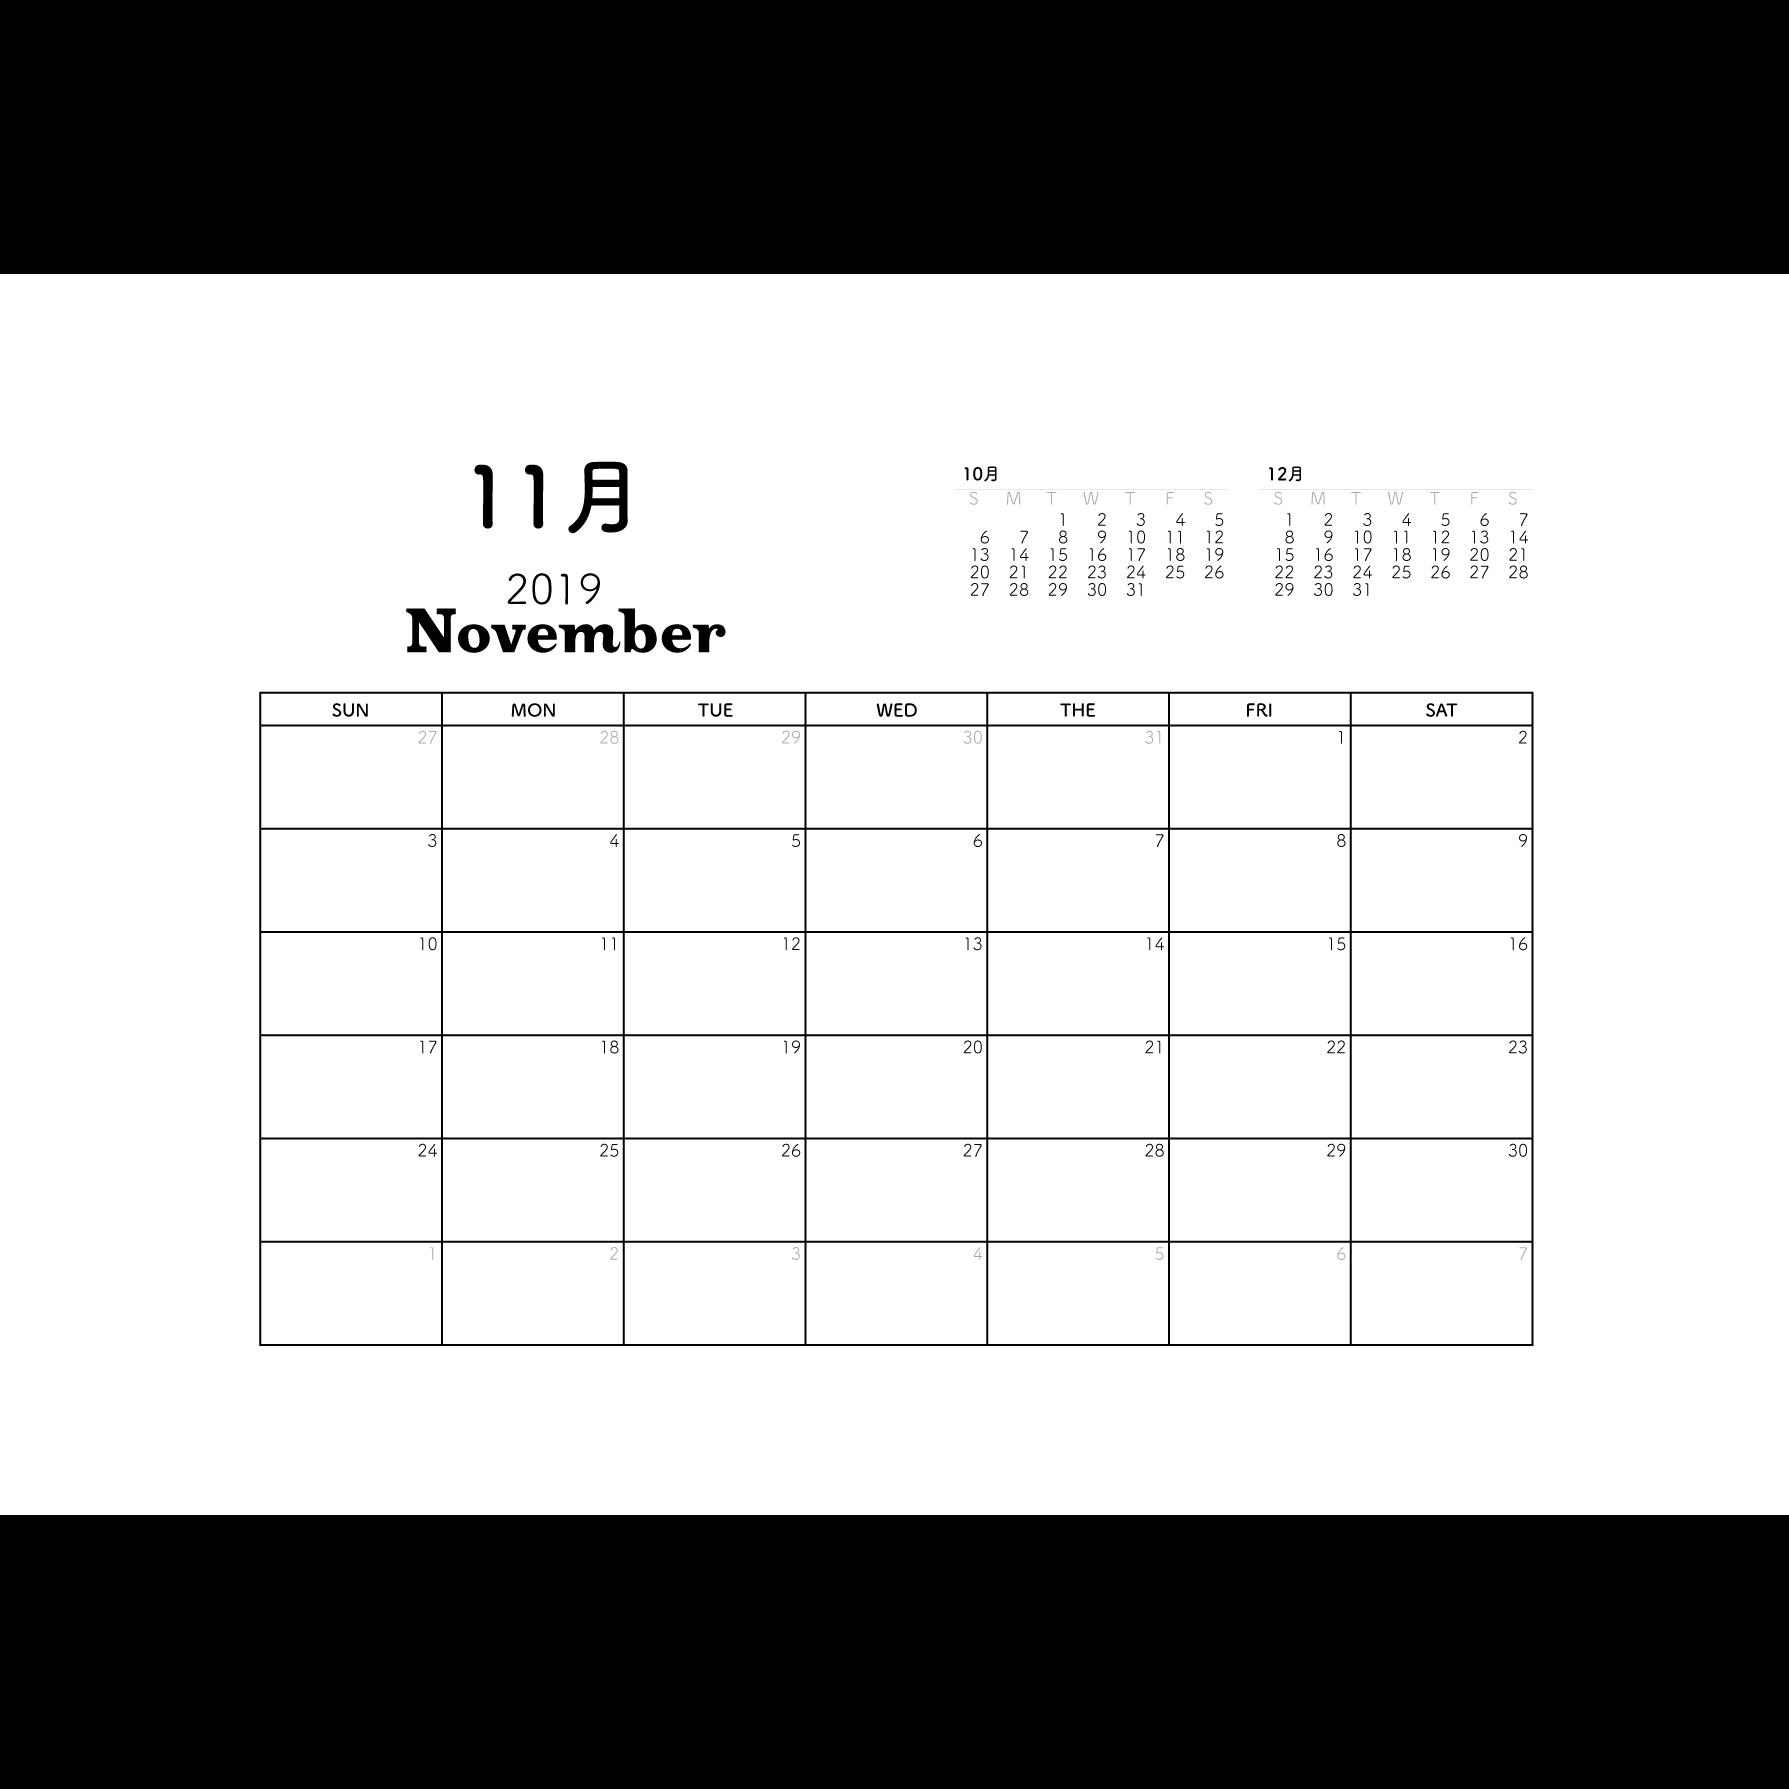 カレンダー 19 印刷用 11月 無料 サイズ 横 イラスト 商用フリー 無料 のイラスト素材なら イラストマンション